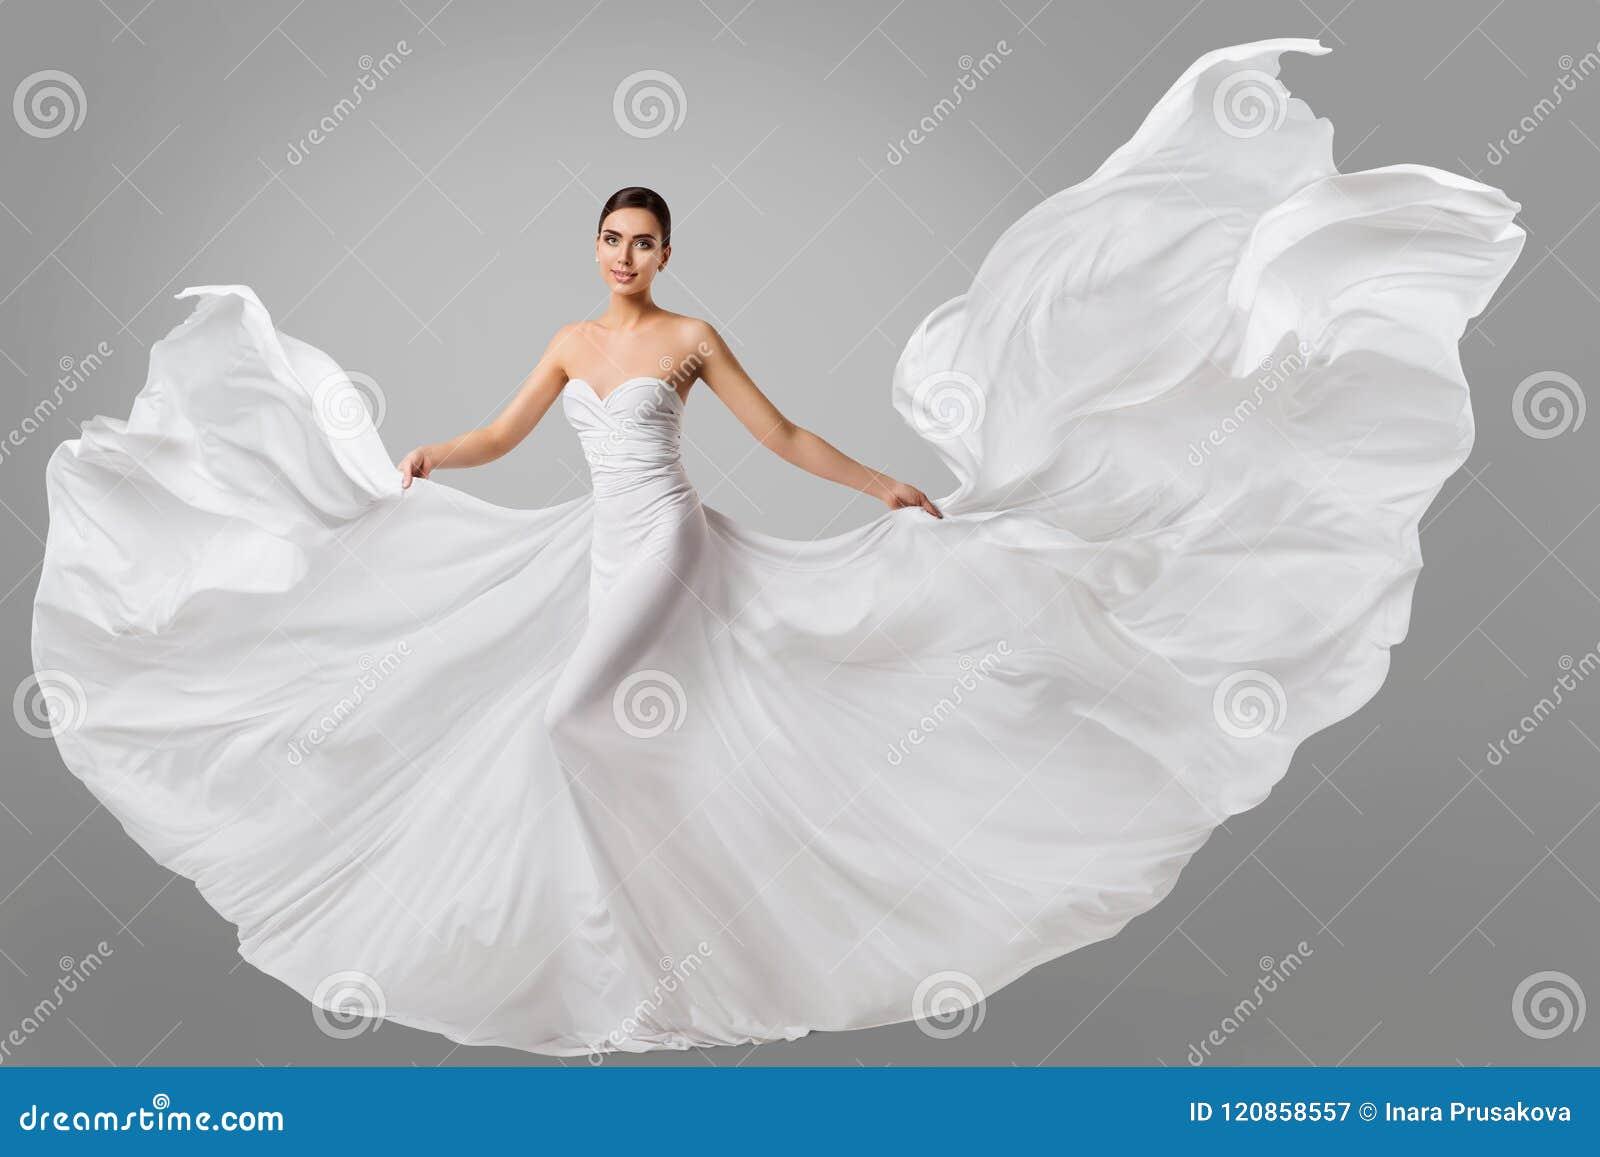 Vestito bianco dalla donna, modello di moda di nozze in abito di seta lungo della sposa